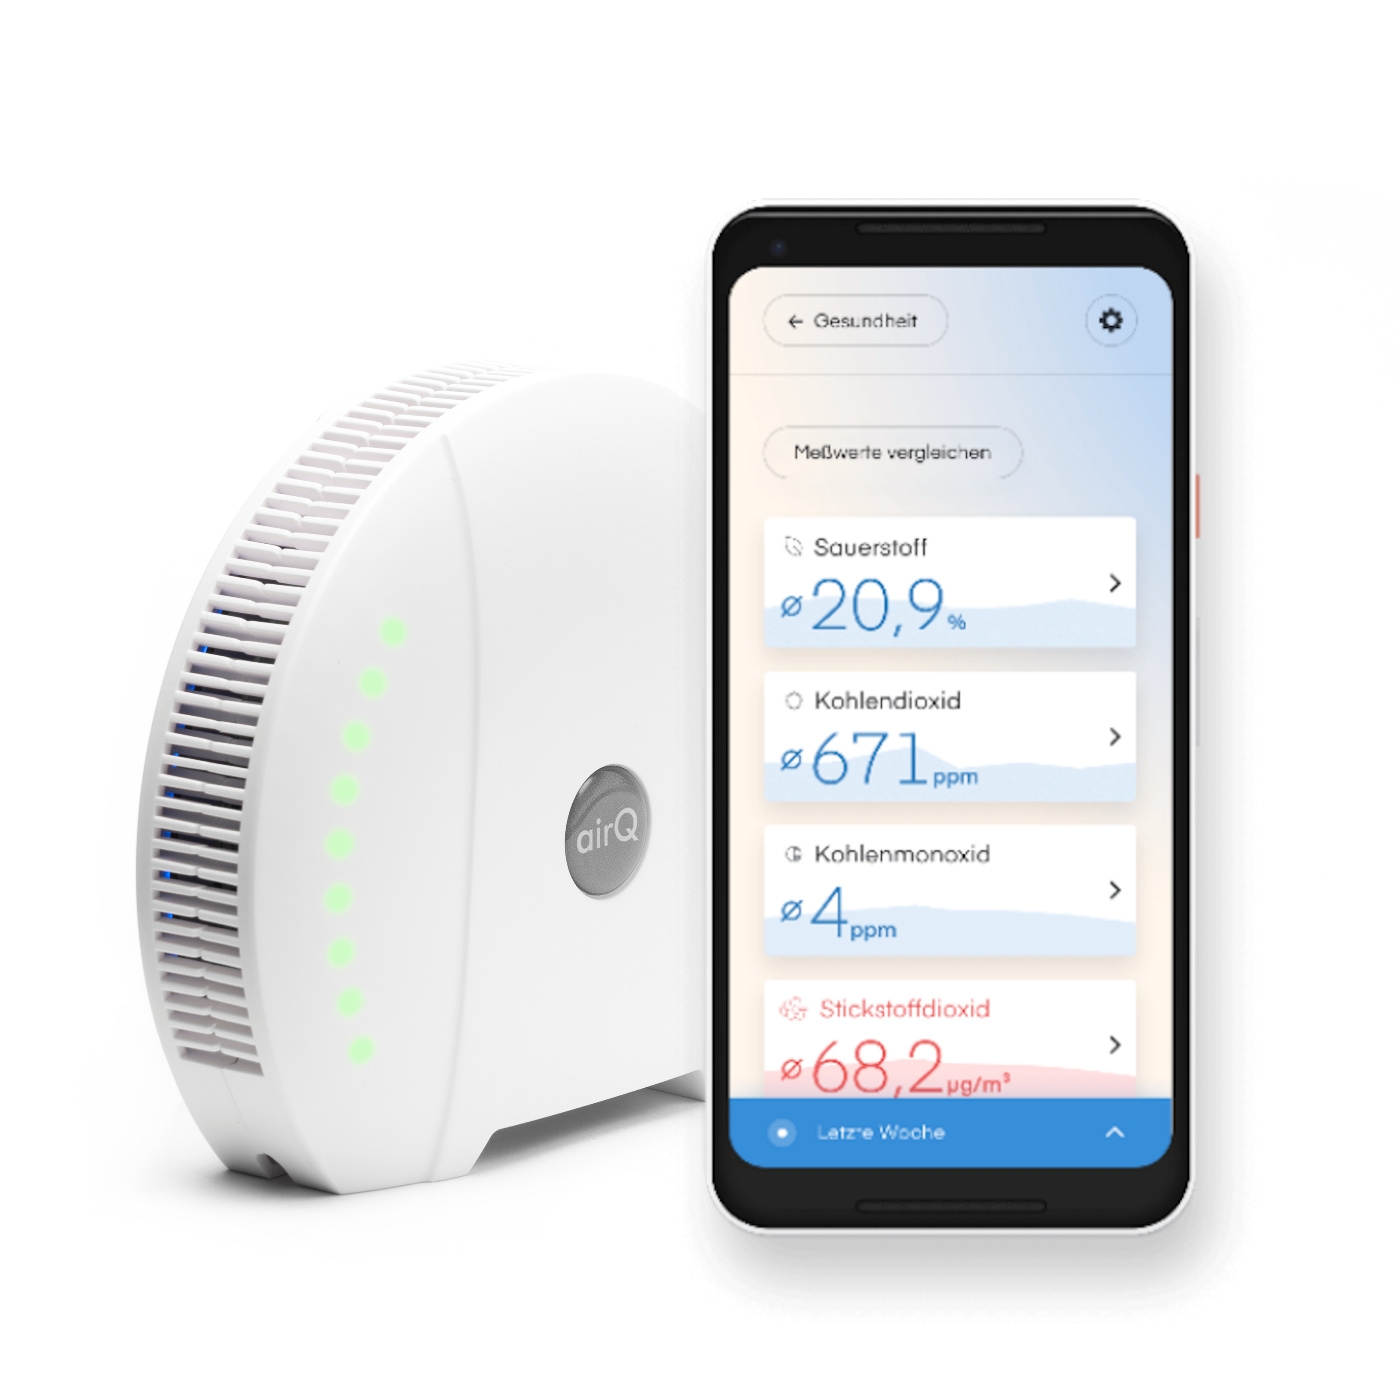 air-Q App Luftqualität erfassen Splash Screen